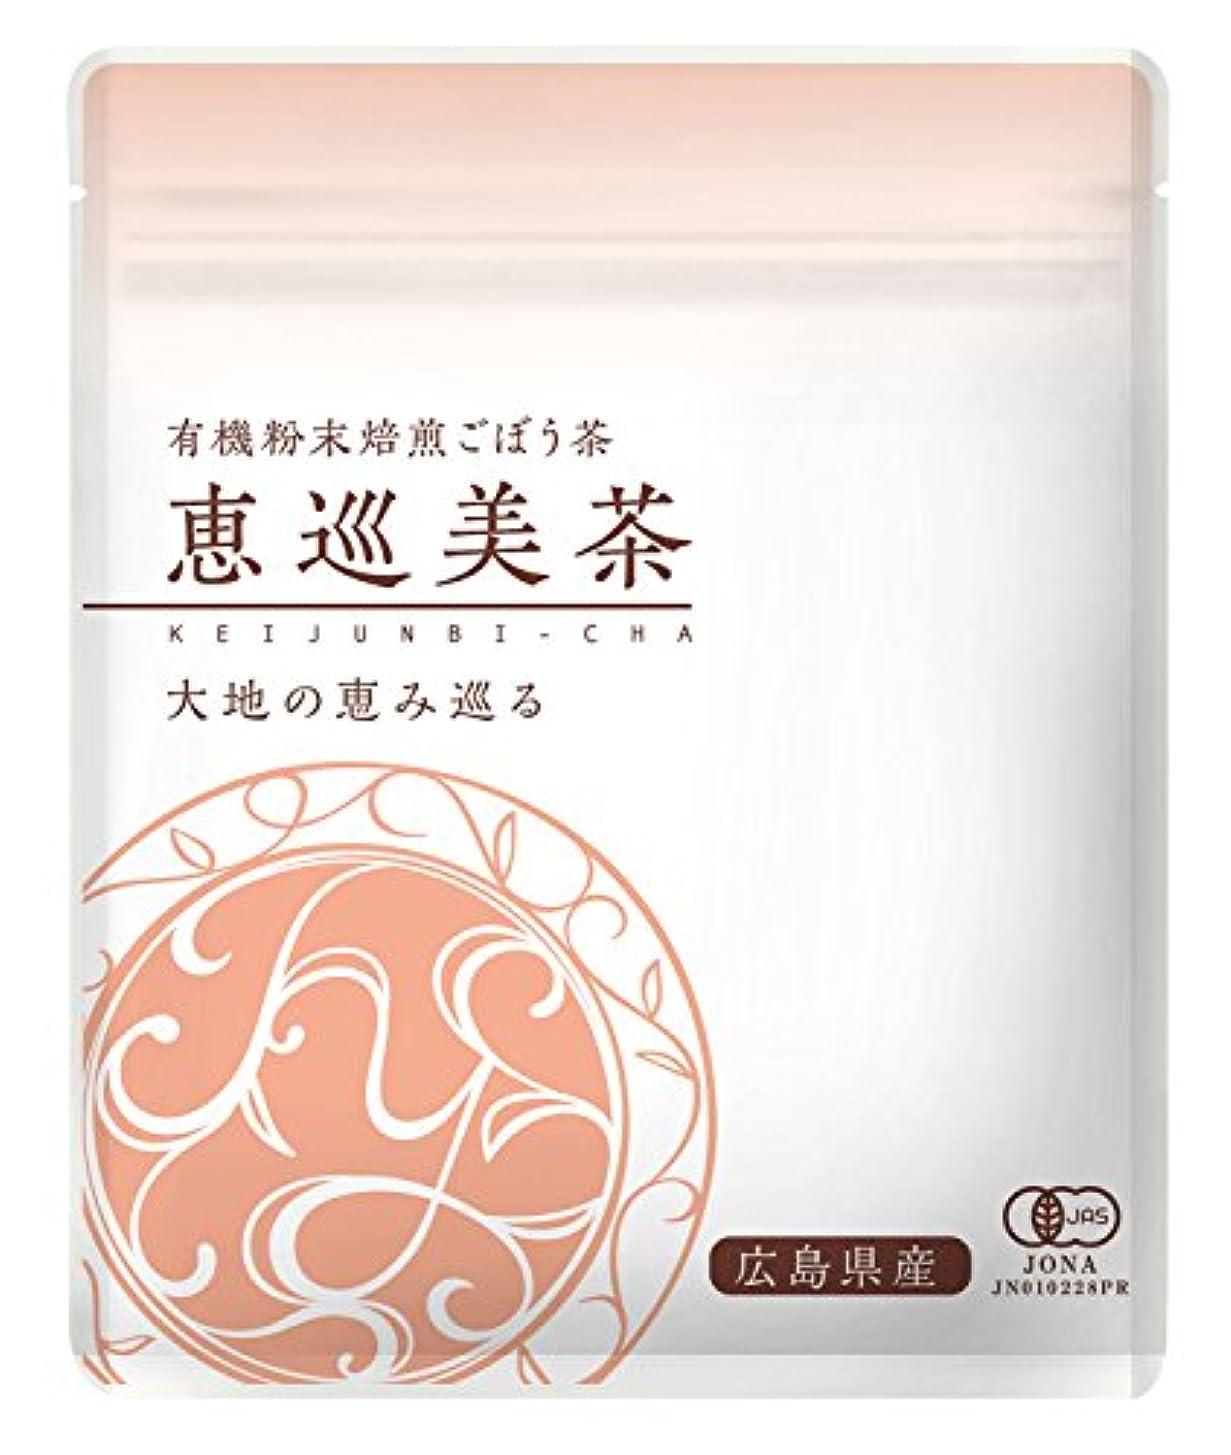 ブルゴーニュ逆発生するこだま食品 恵巡美茶有機粉末焙煎ごぼう茶 2g×15包 302037009